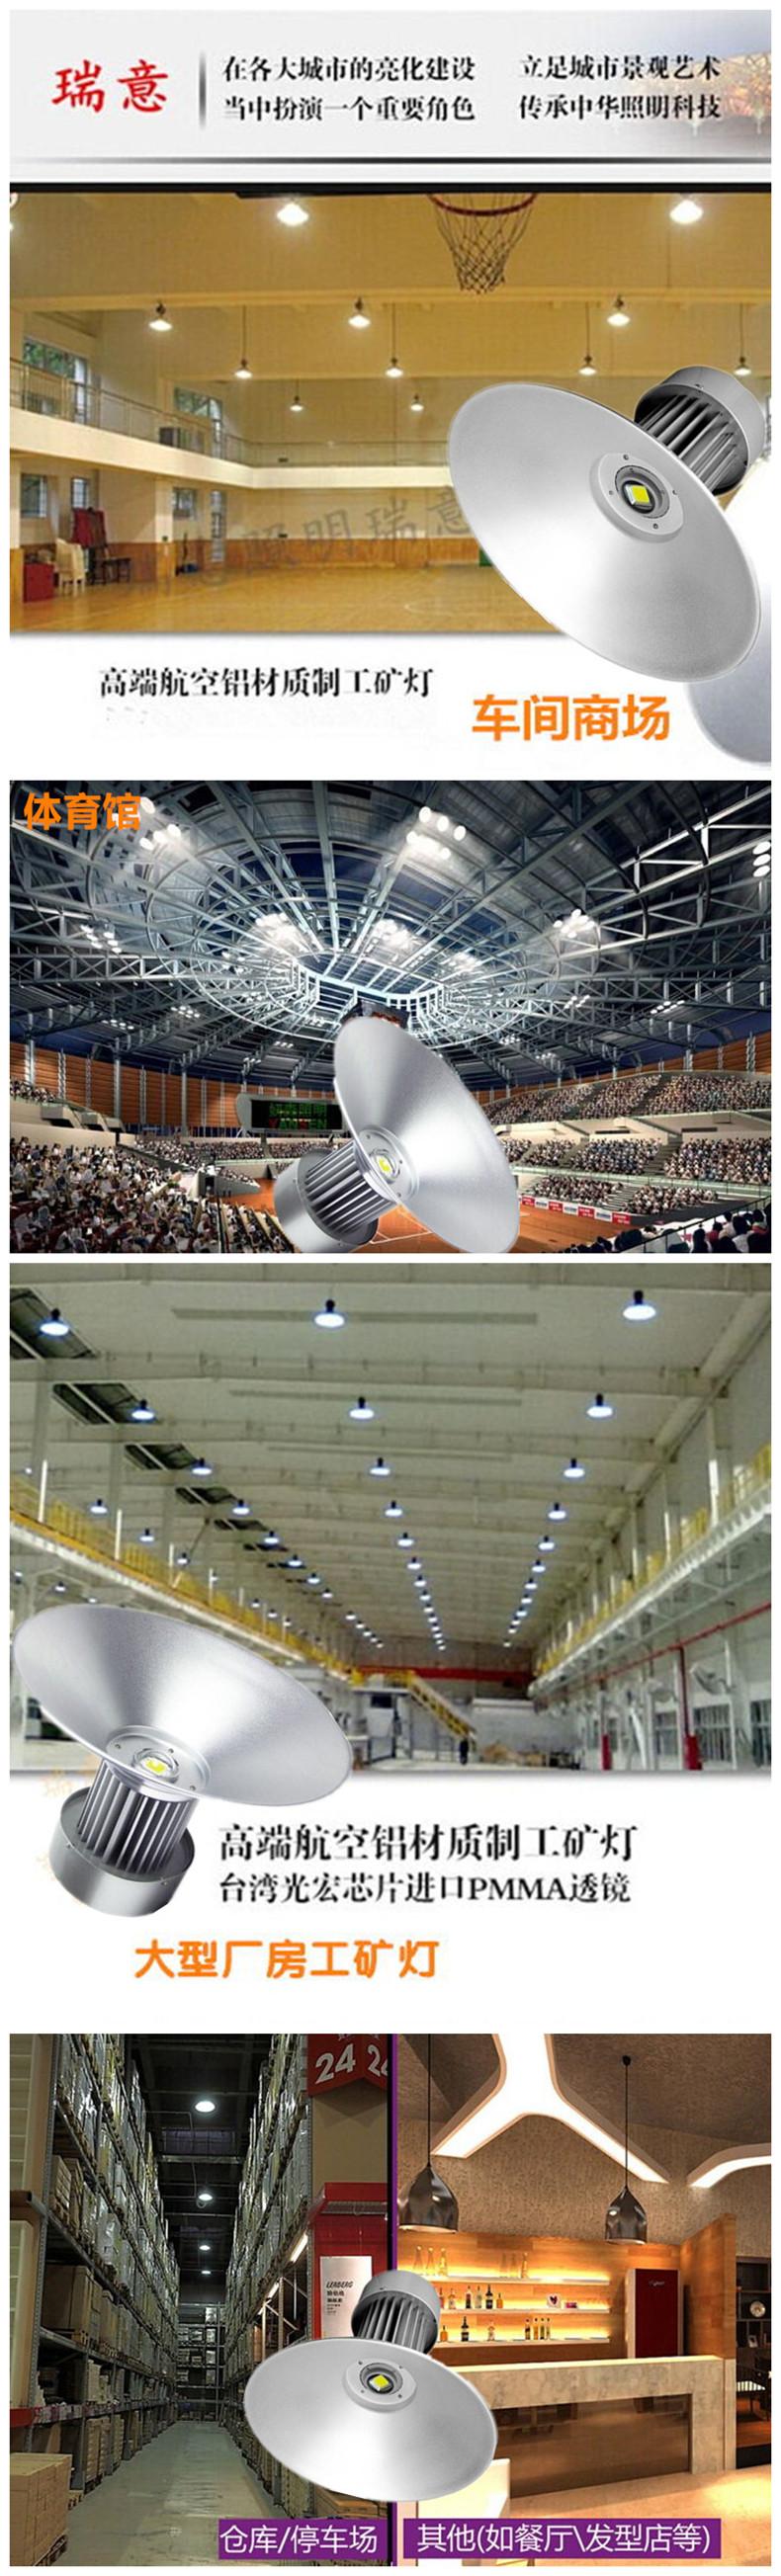 20W-100W厂房车间LED工矿灯应用图